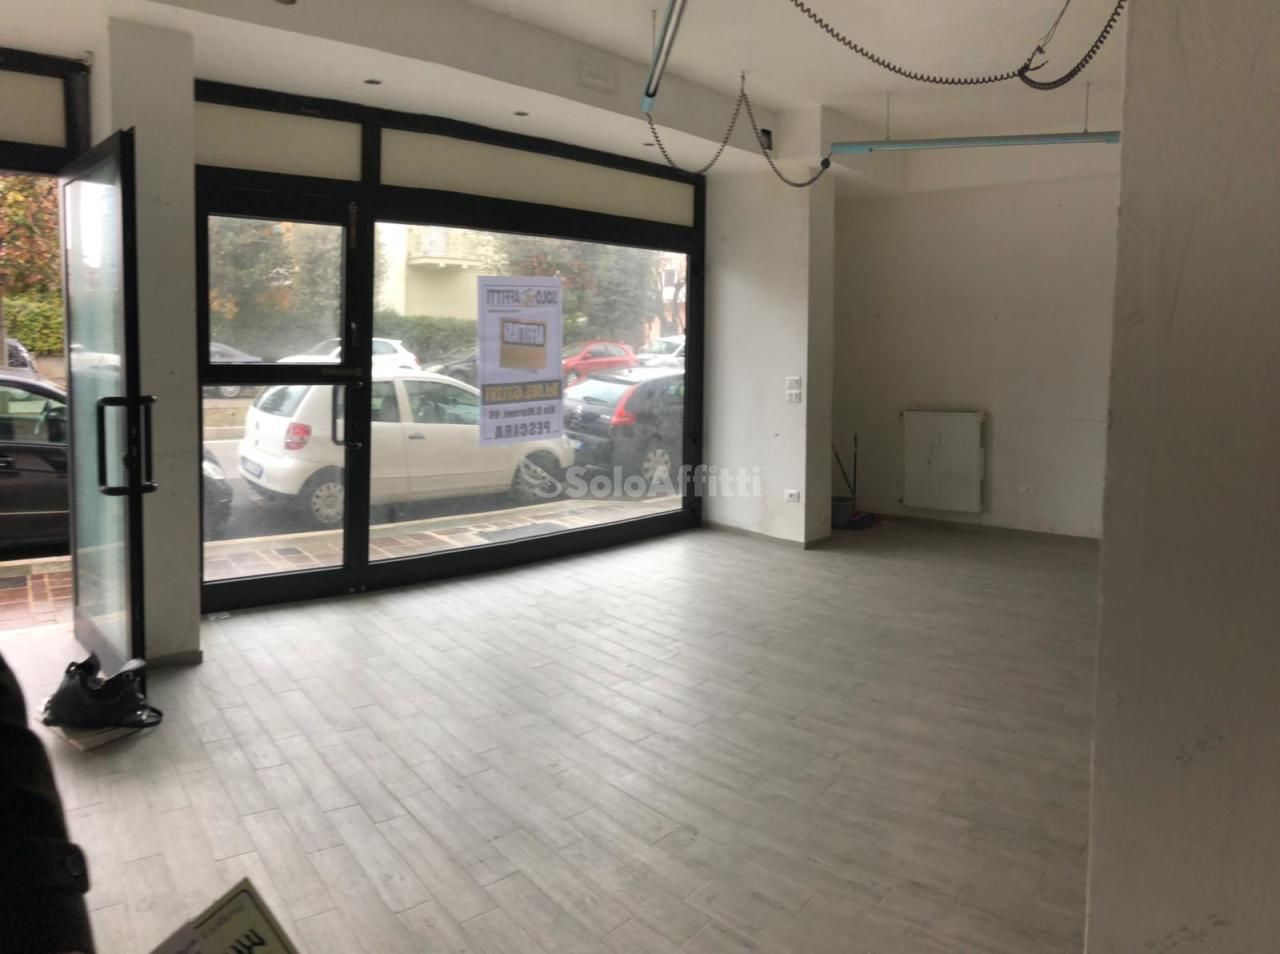 Fondo/negozio - 2 vetrine/luci a Porta Nuova, Pescara